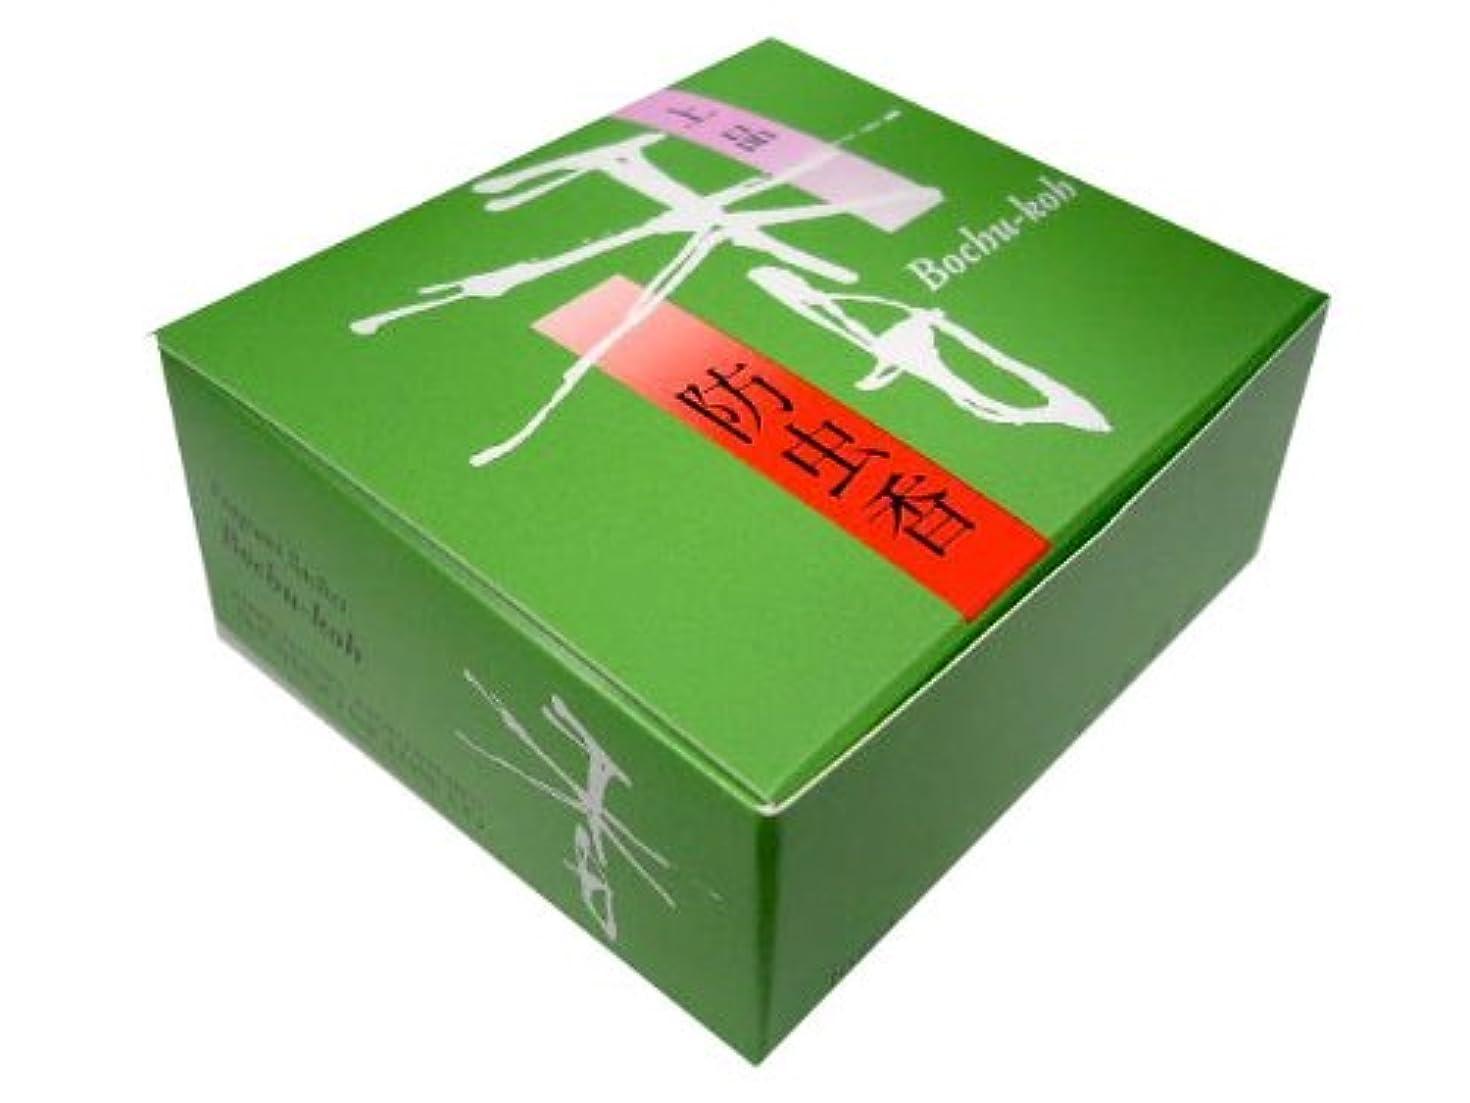 興味知らせる命令的松栄堂の防虫香 上品 防虫香 10袋入 #520138